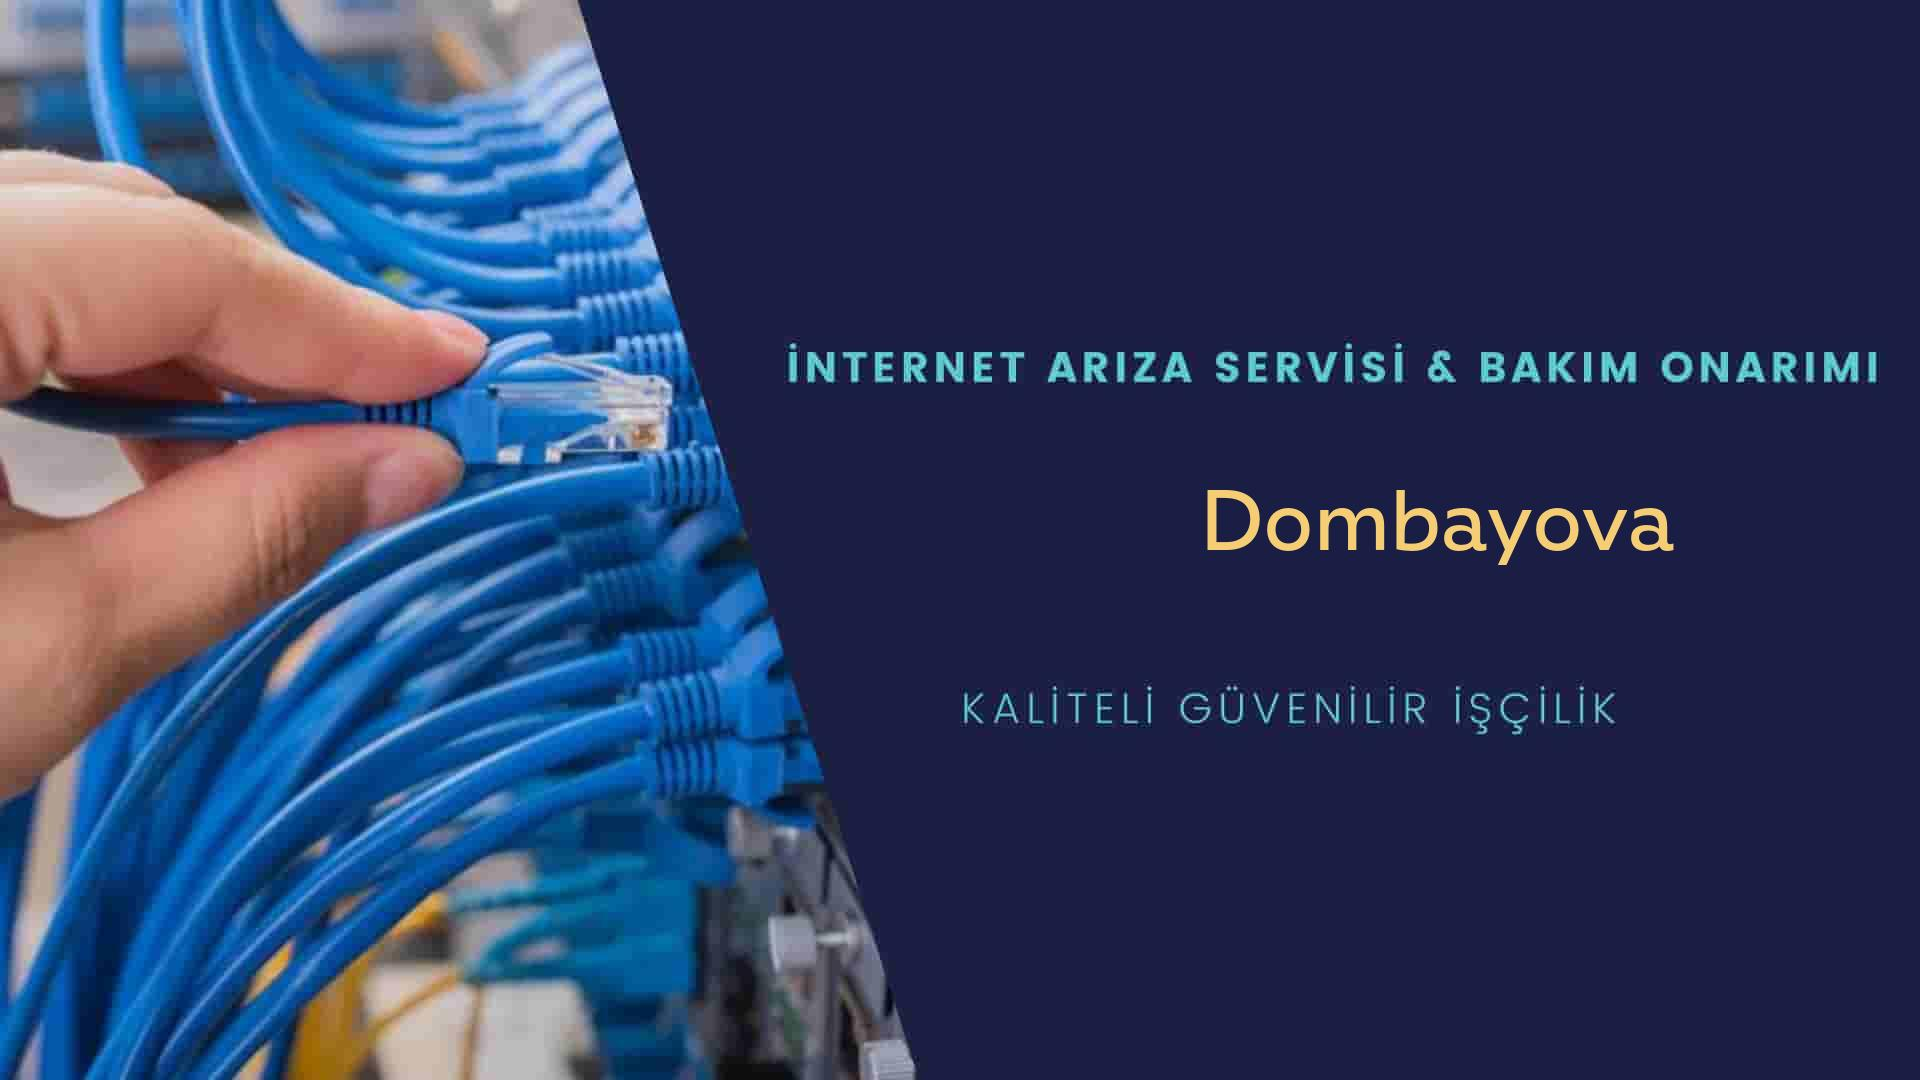 Dombayova internet kablosu çekimi yapan yerler veya elektrikçiler mi? arıyorsunuz doğru yerdesiniz o zaman sizlere 7/24 yardımcı olacak profesyonel ustalarımız bir telefon kadar yakındır size.